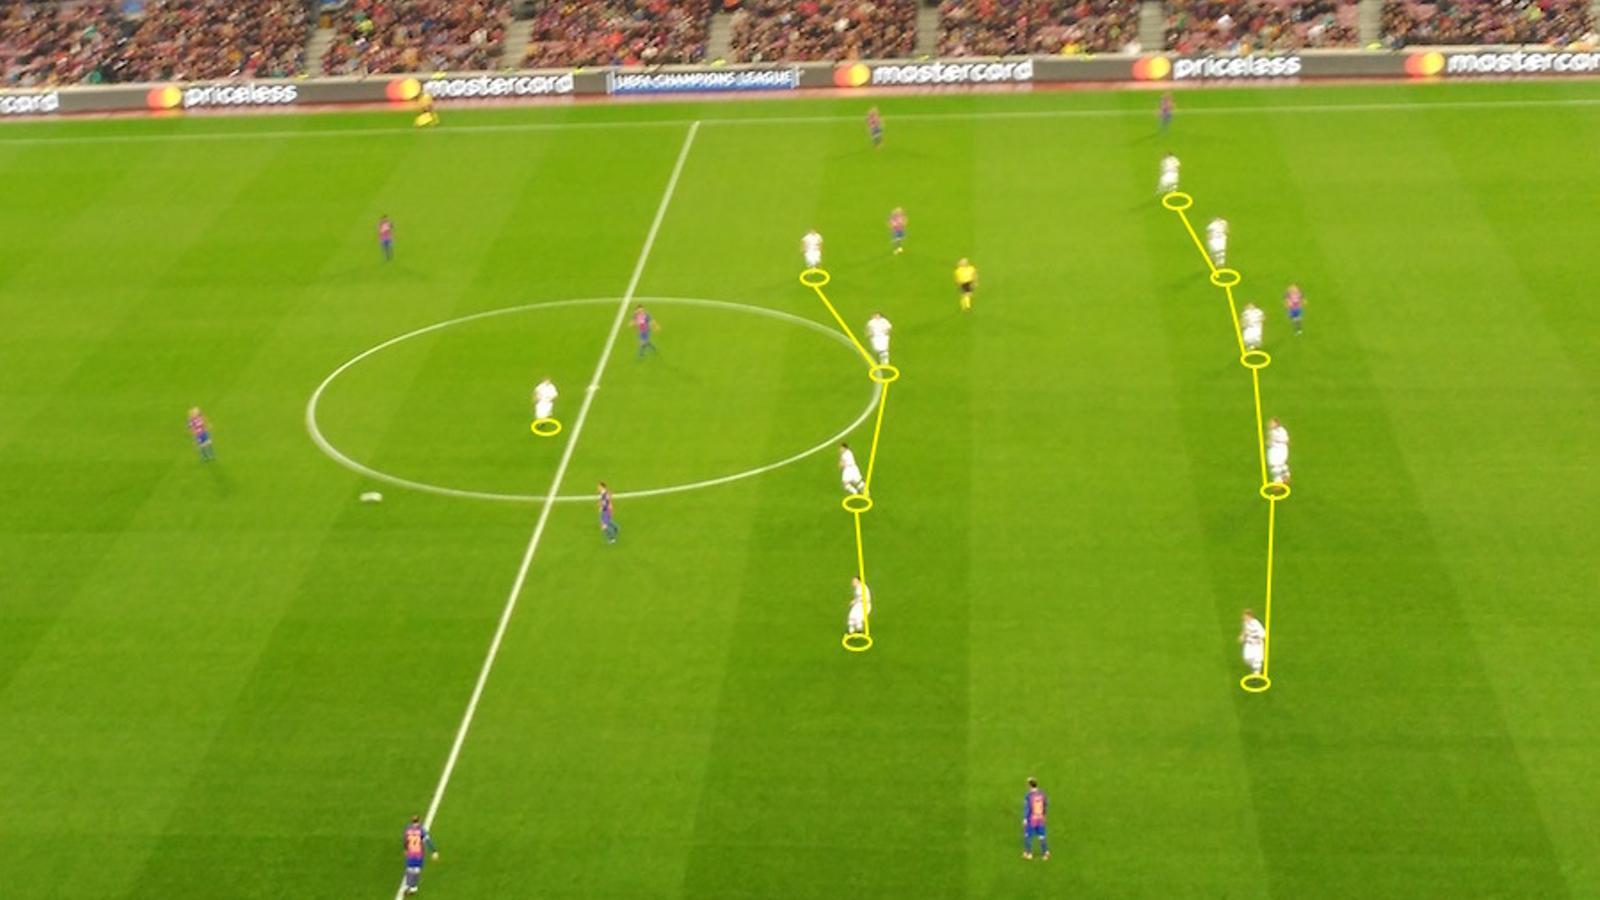 El Borussia Mönchengladbach es replega en un 5-4-1